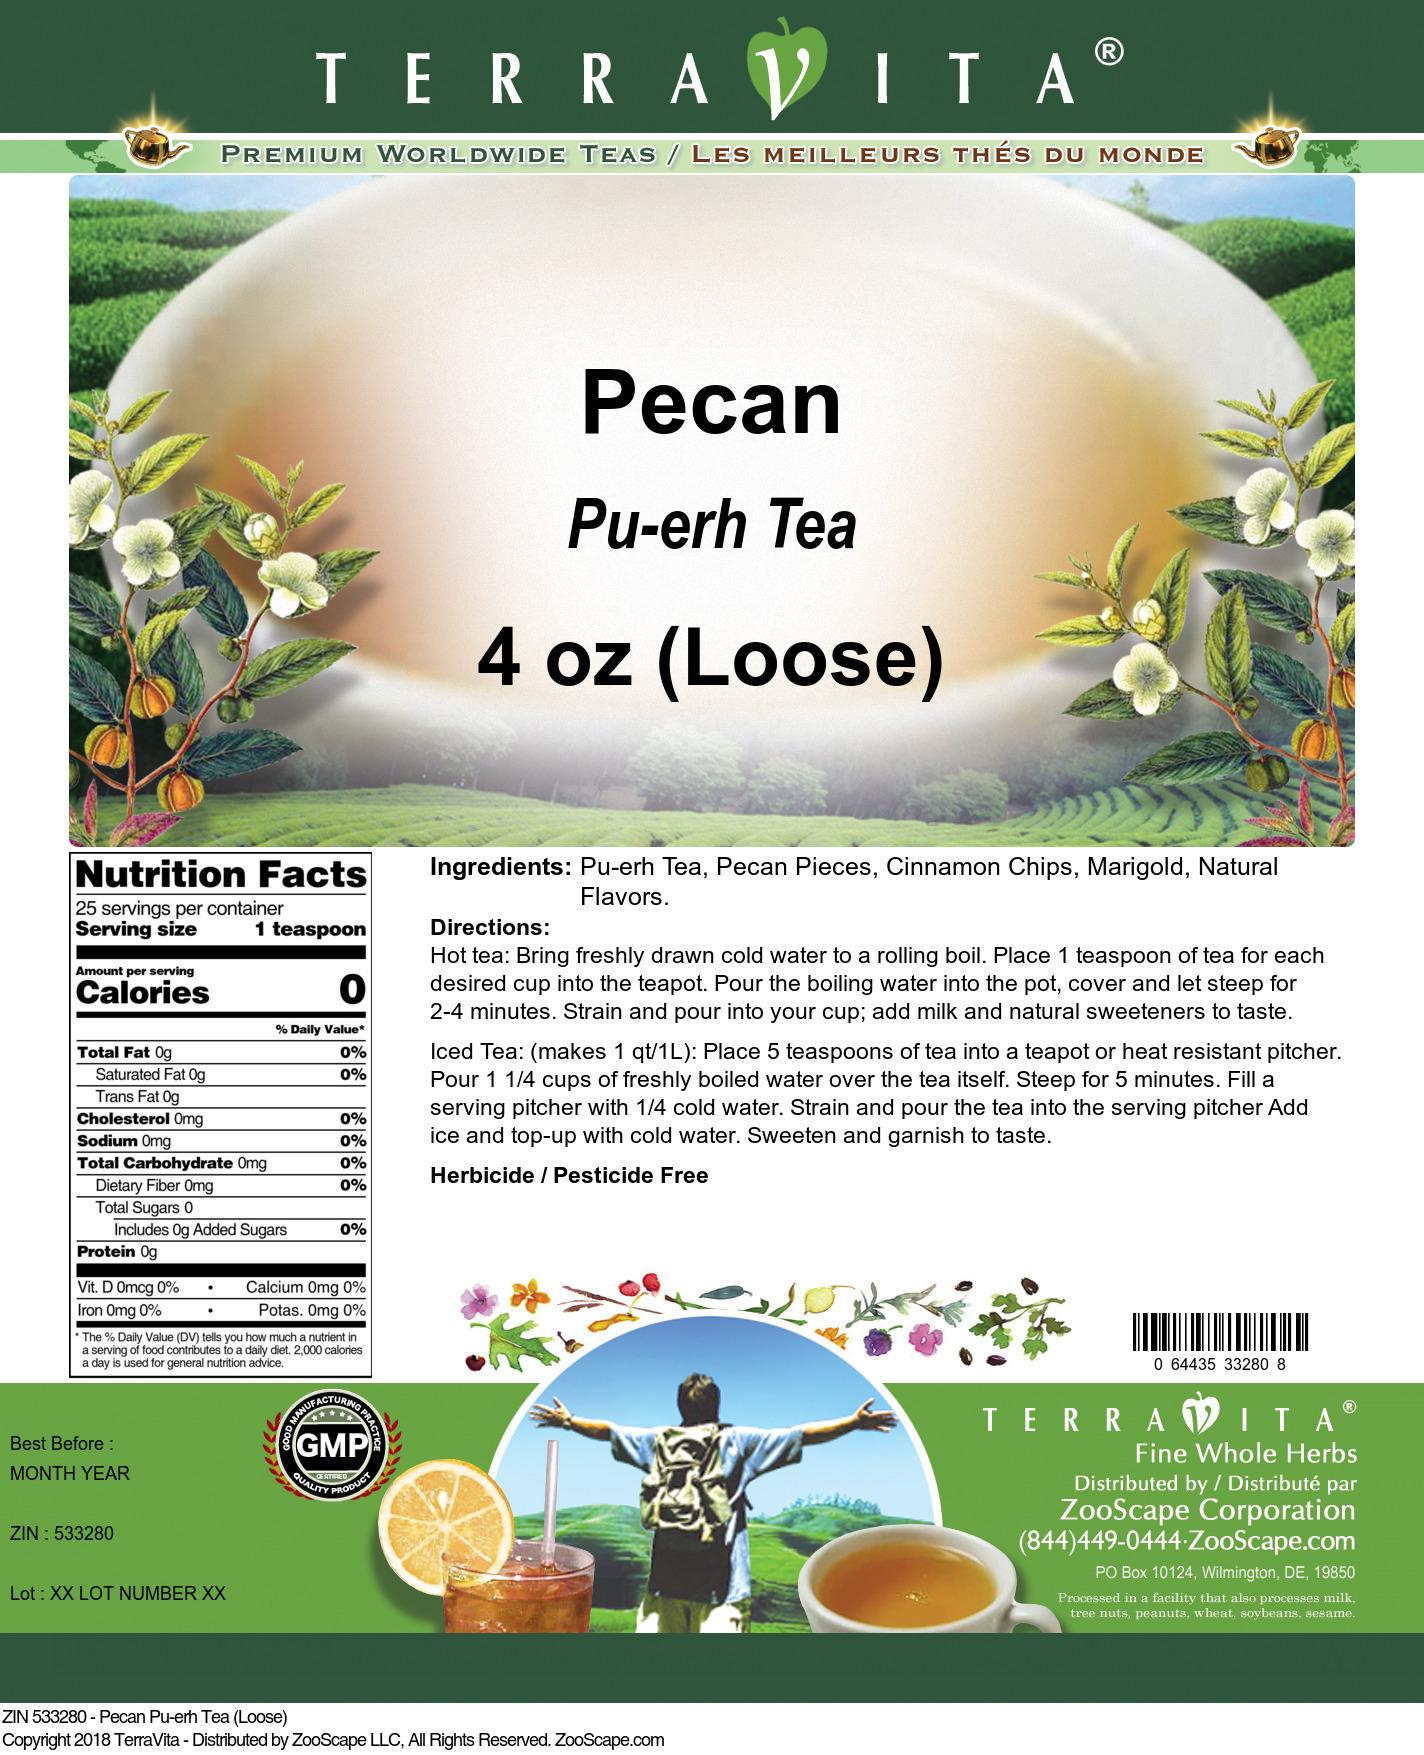 Pecan Pu-erh Tea (Loose)